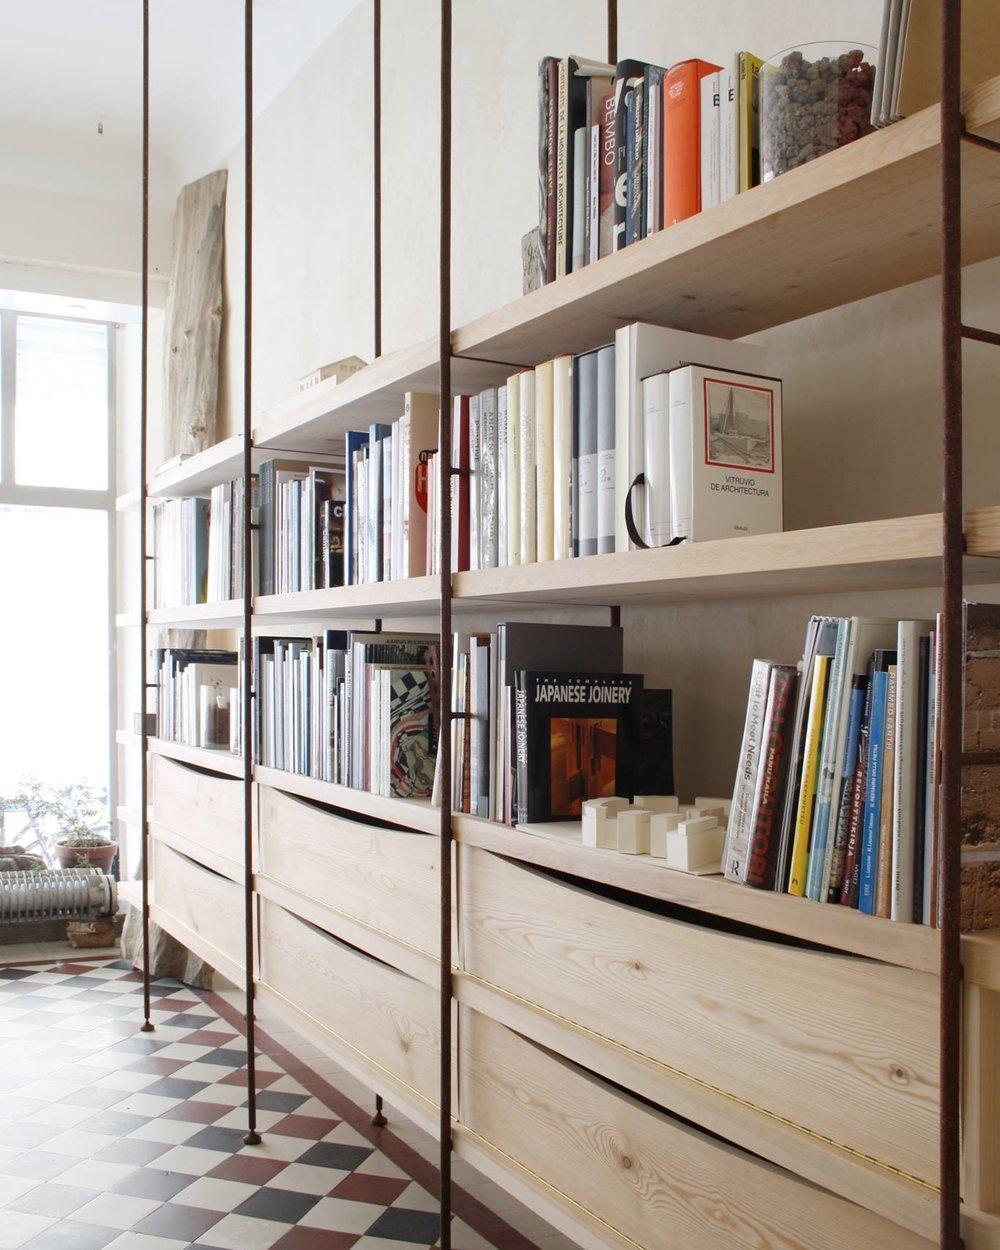 Mittatilaustyönä tehty kirjahylly.Puuosat: Wooden.Suunnittelu ja valokuva: Collaboratorio.Metalliosat: Jyrki Eklund.